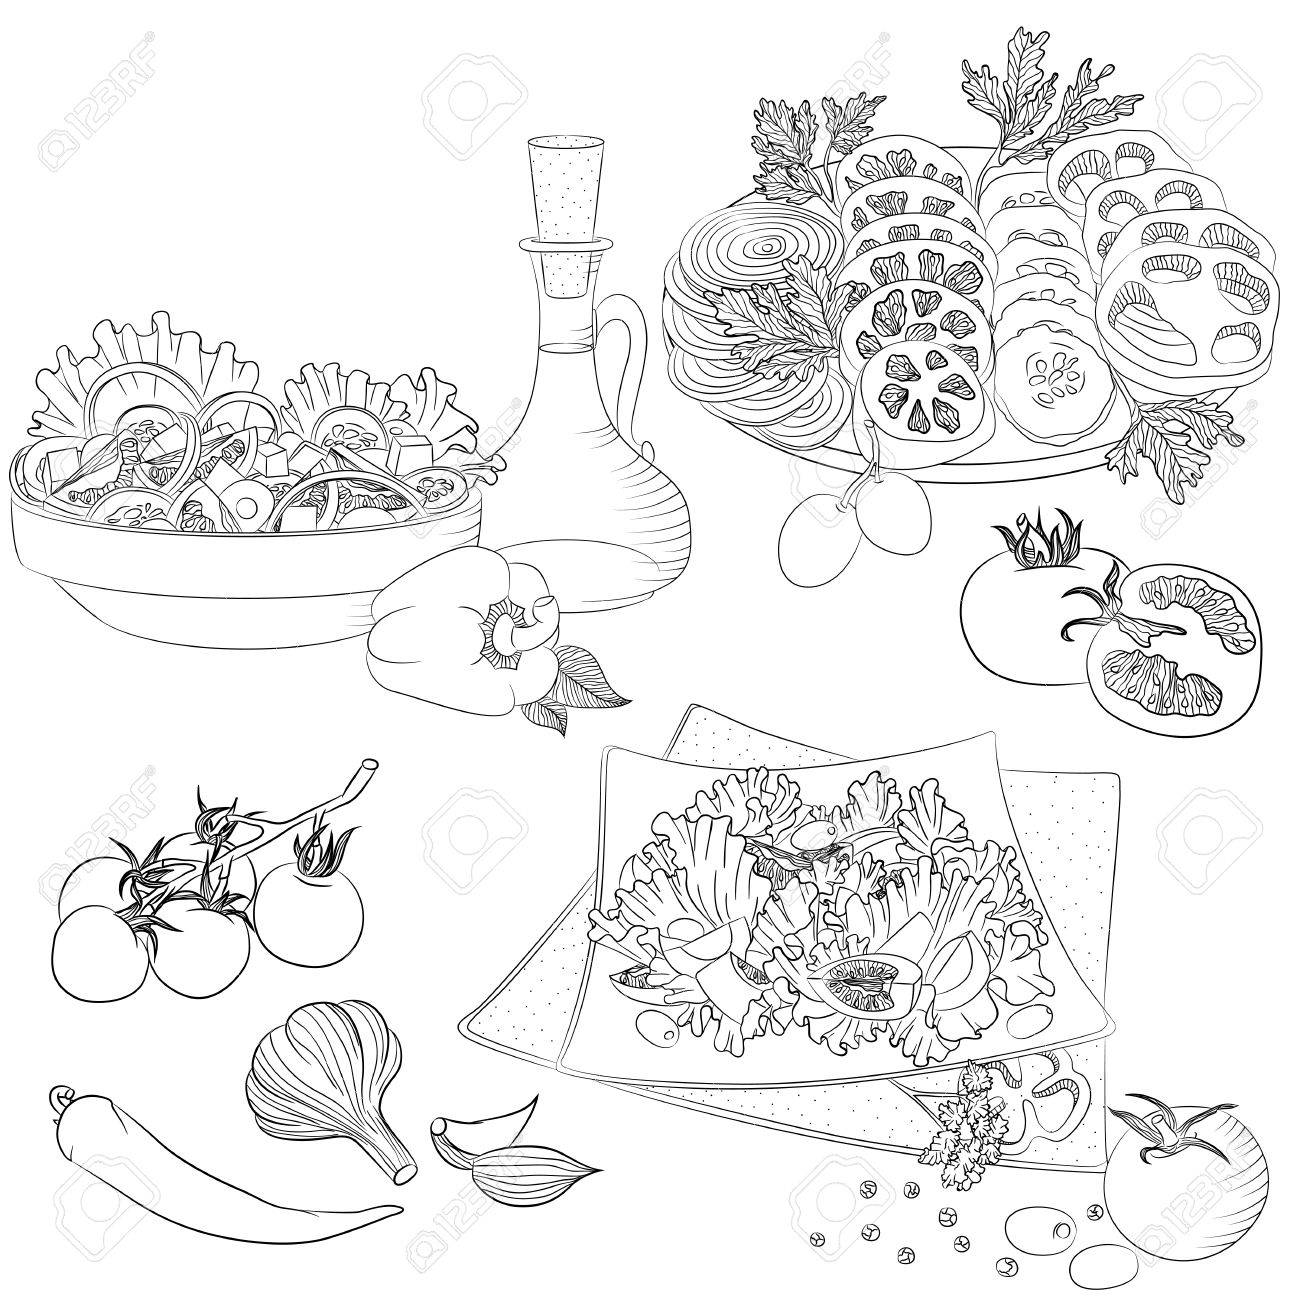 Ilustración De Arte De Línea De Vector Con Comida Conjunto Con Varias Ensaladas De Verduras Ilustración Para El Menú Libro De Cocina O Libro Para